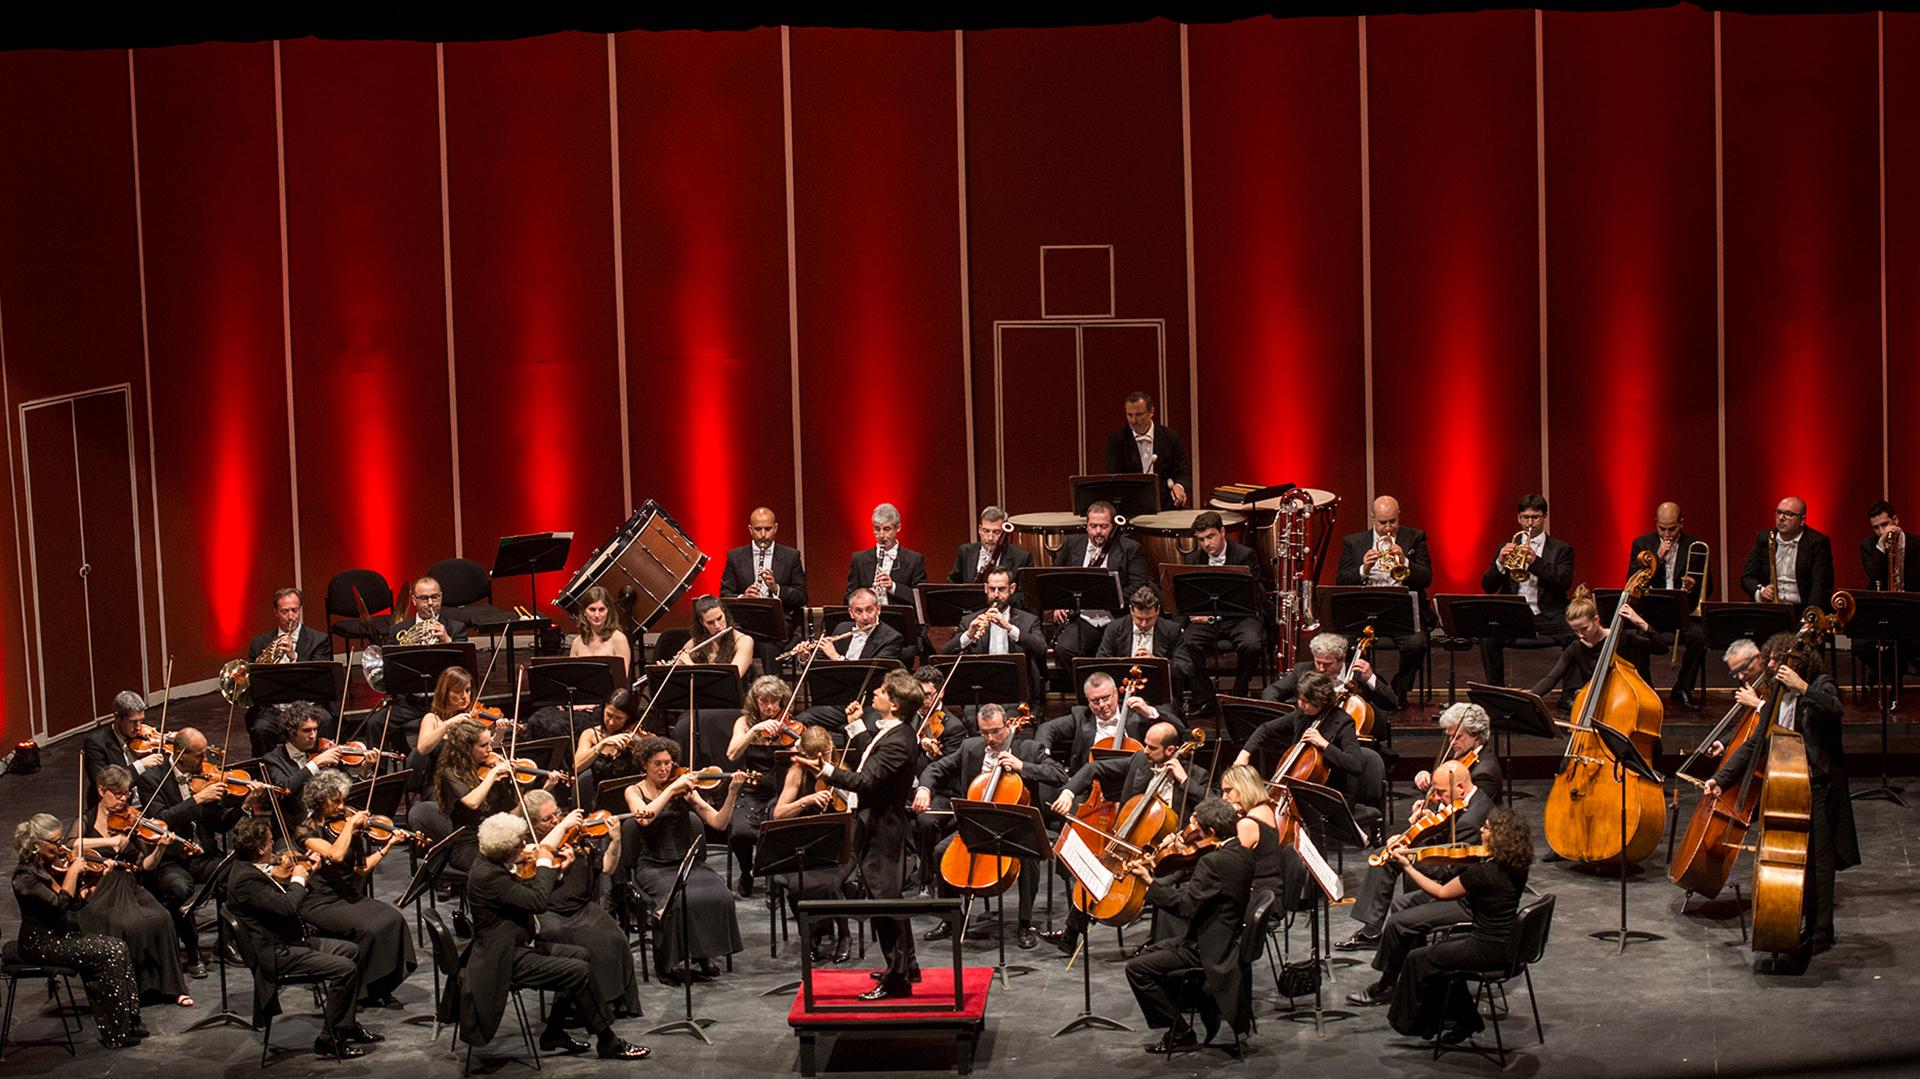 La Orchestra della Toscana se formó en Florencia, en 1980. Su repertorio abarca desde el barroco hasta los compositores contemporáneos, dedicando amplio espacio a Mozart, Haydn y todo el Beethoven sinfónico